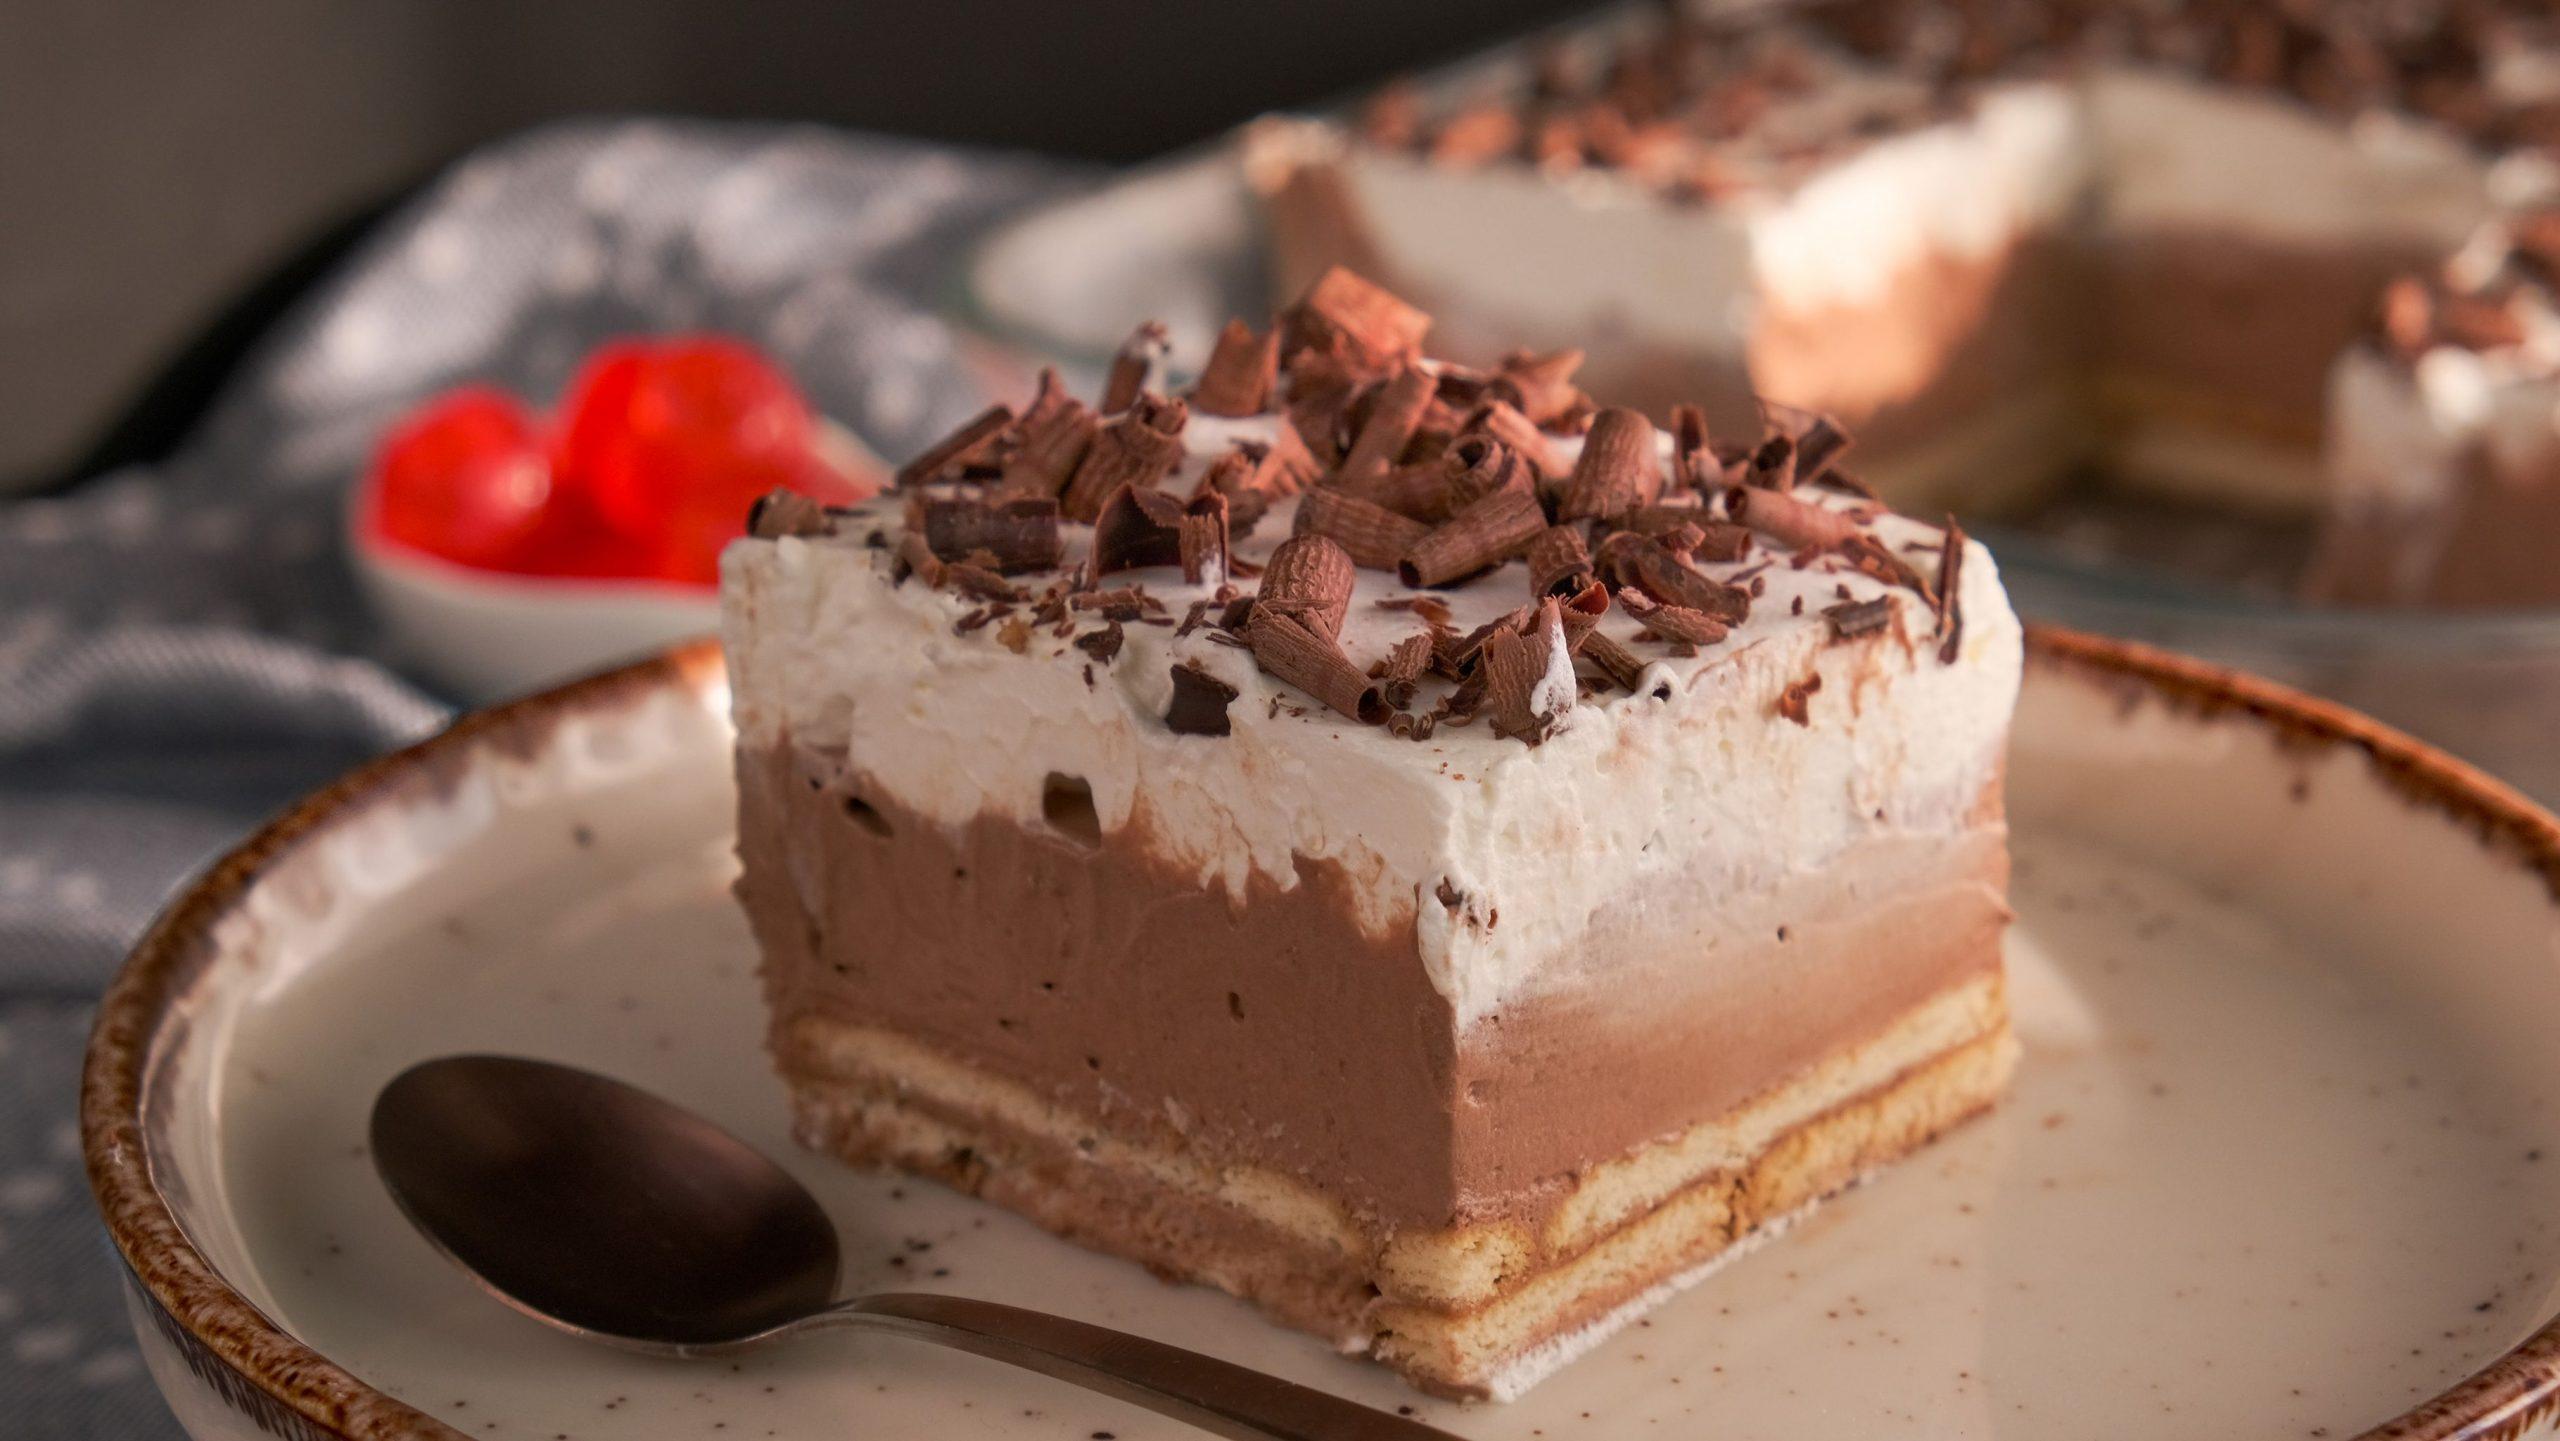 Συνταγή για_Γλυκό ψυγείου_ με σοκολάτα_ και μπισκότα_